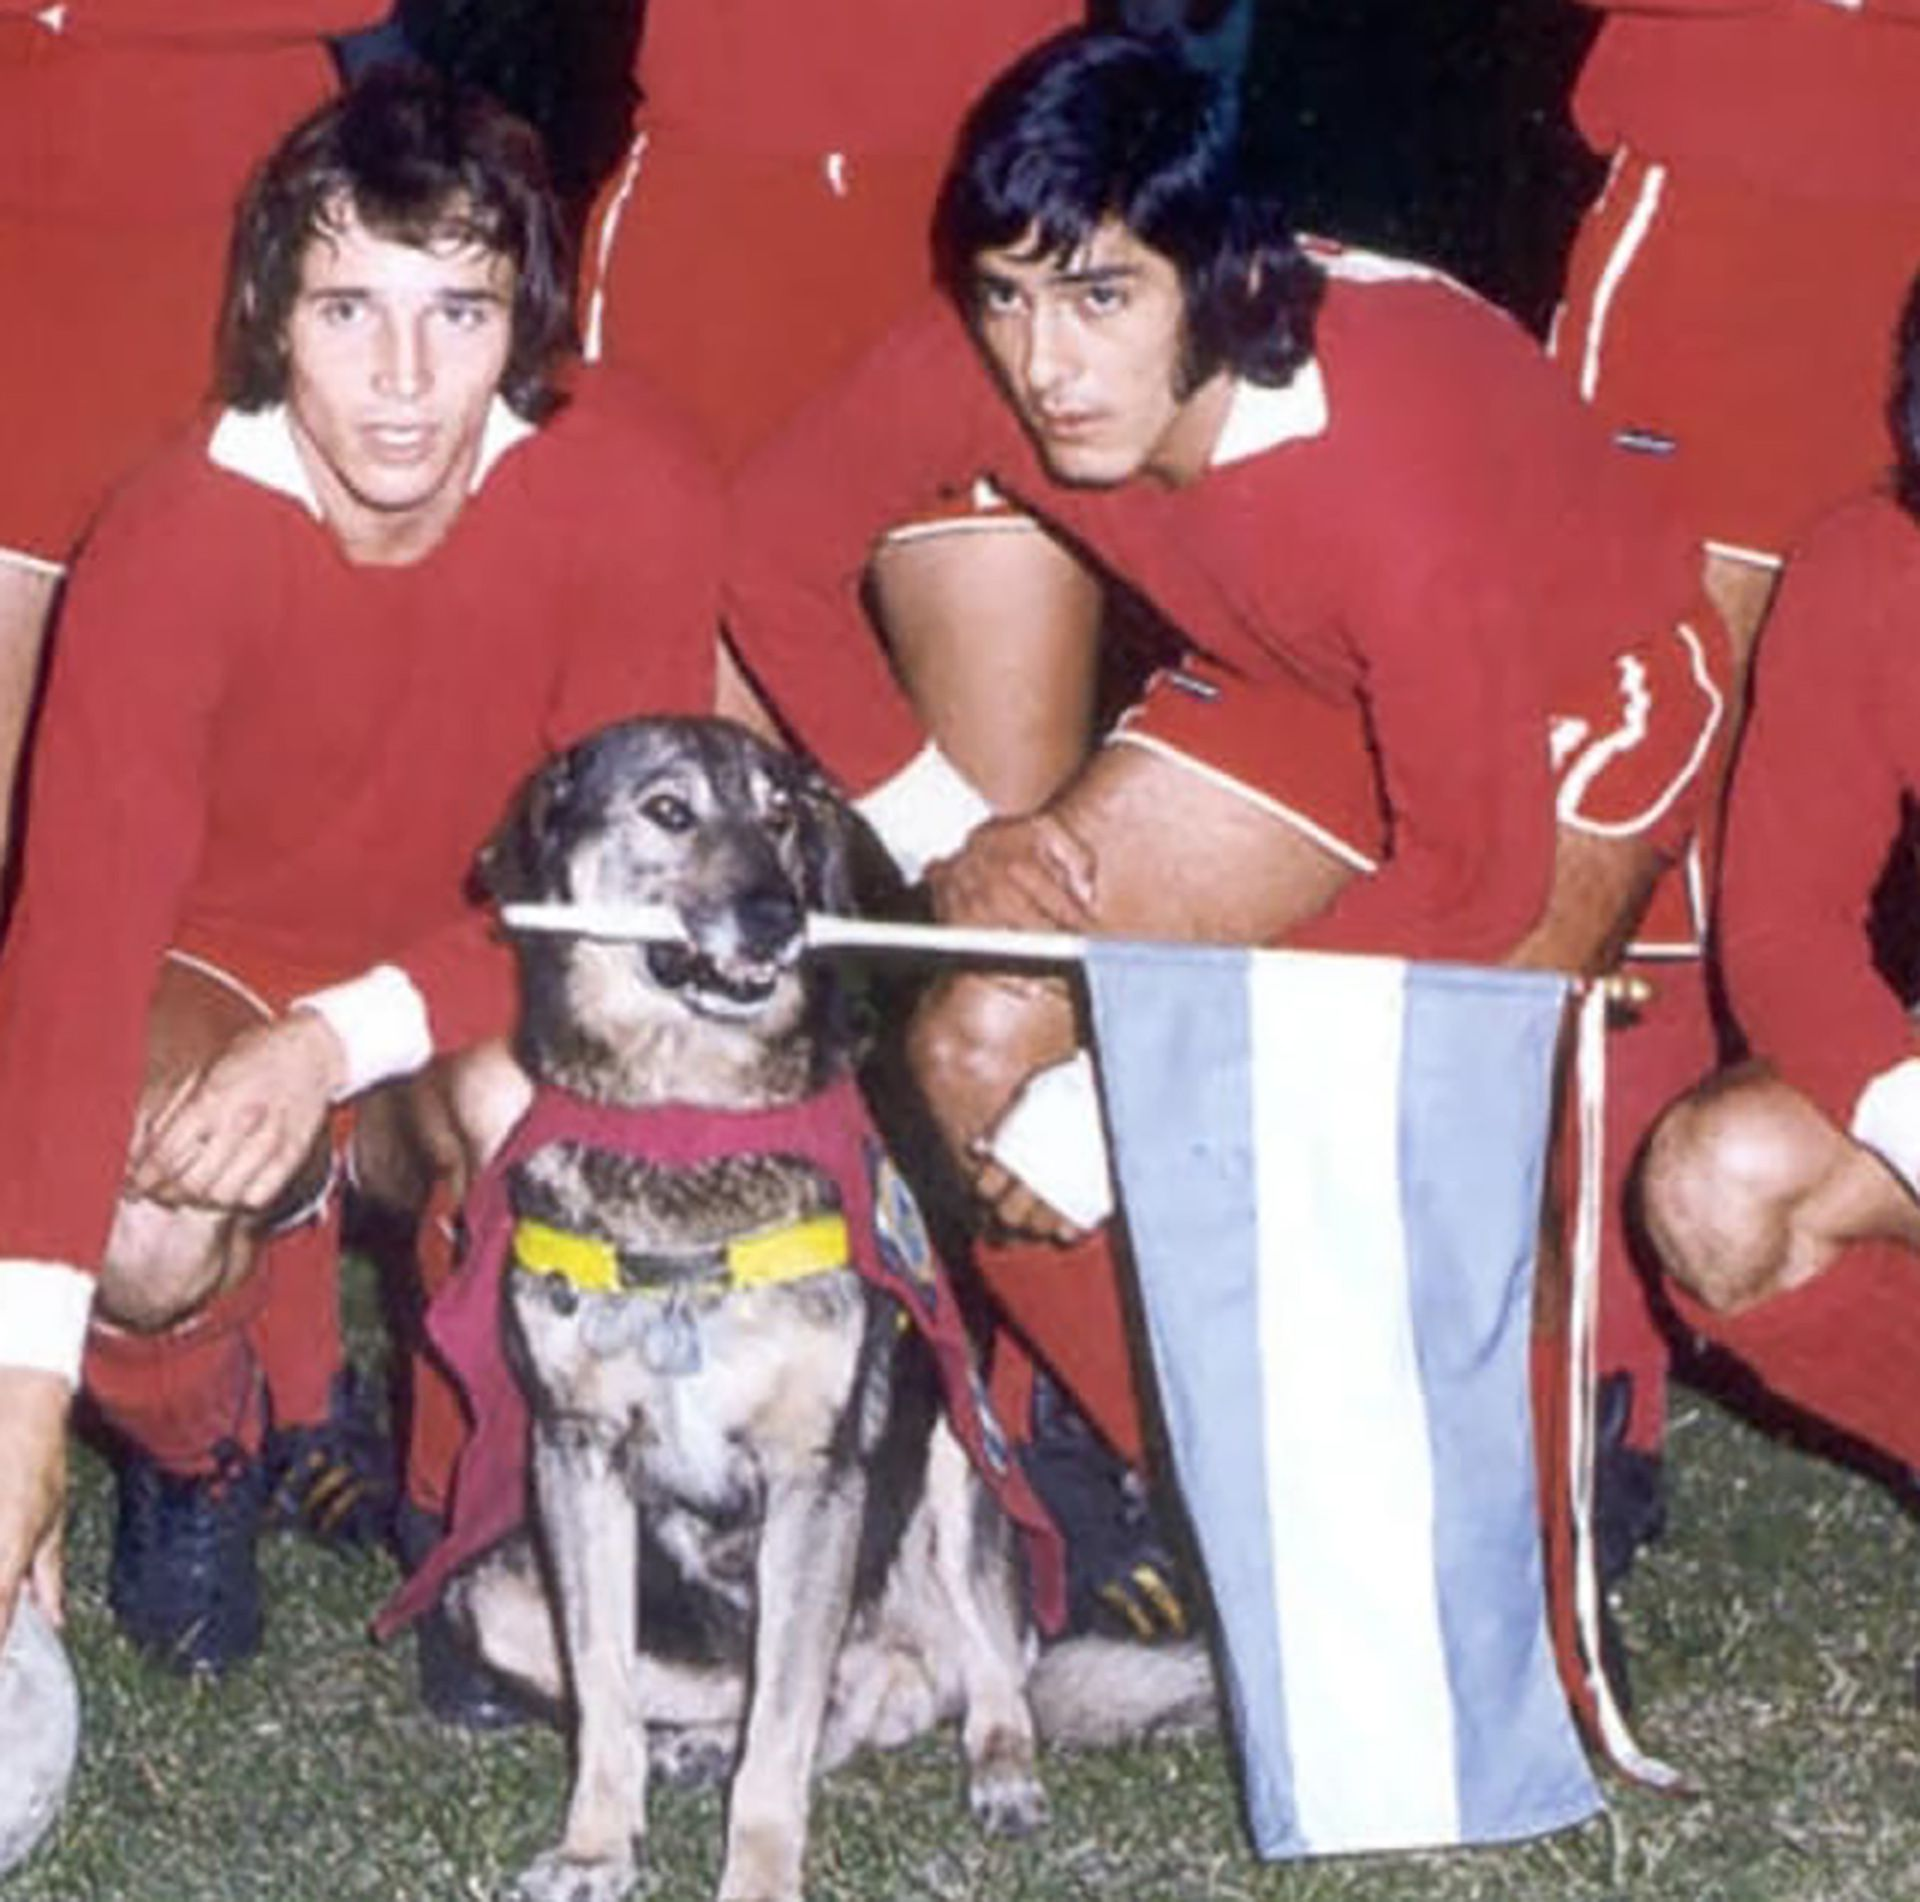 Boneco con el plantel de Independiente